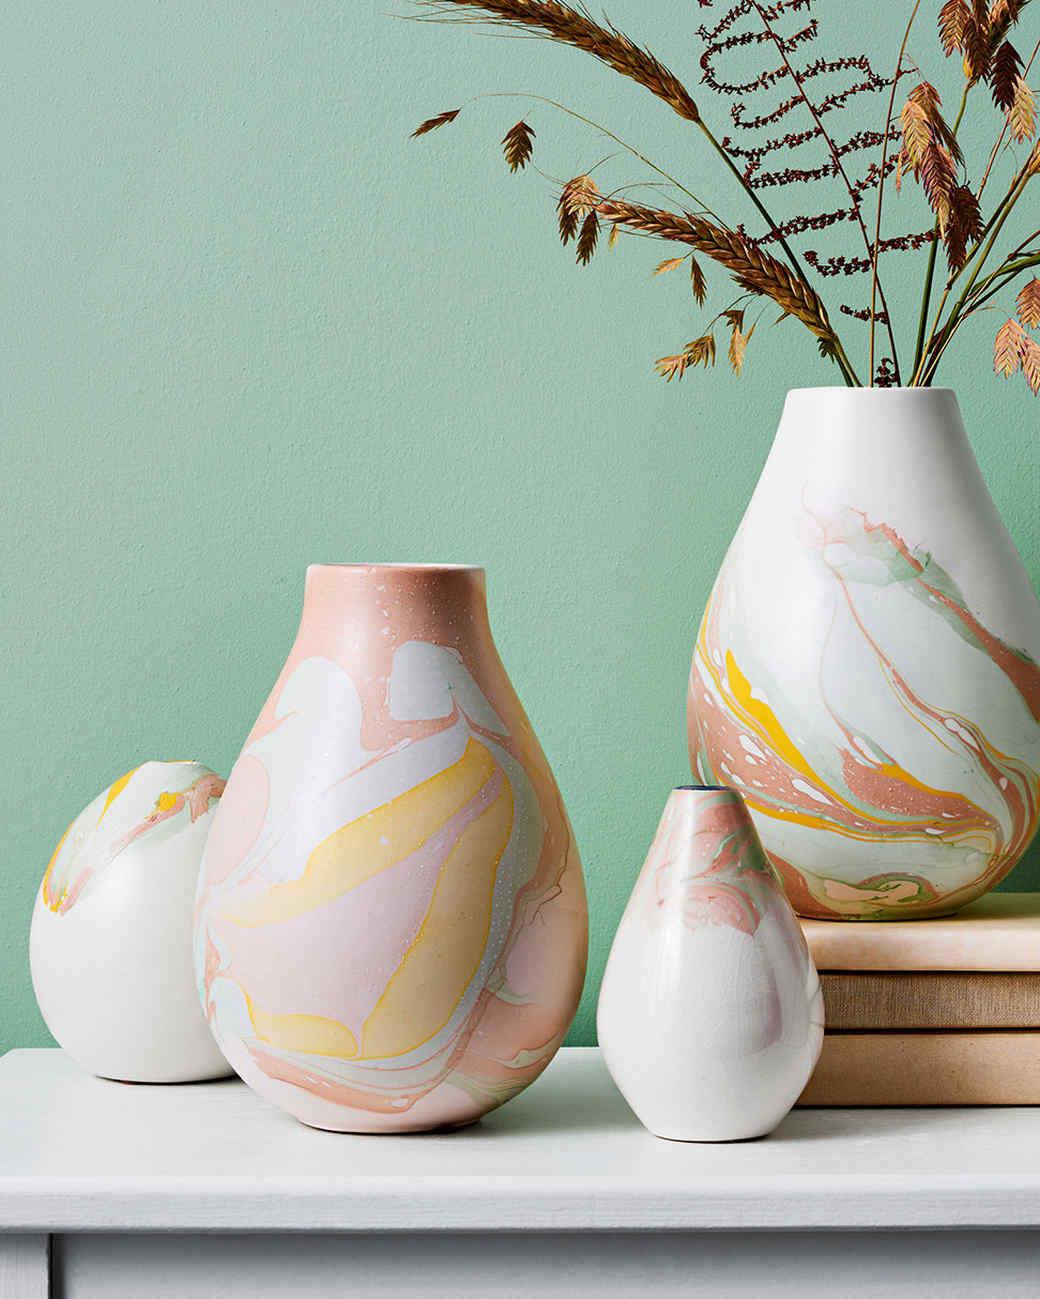 marbleized-vases-0617-102998414_vert_0.jpg